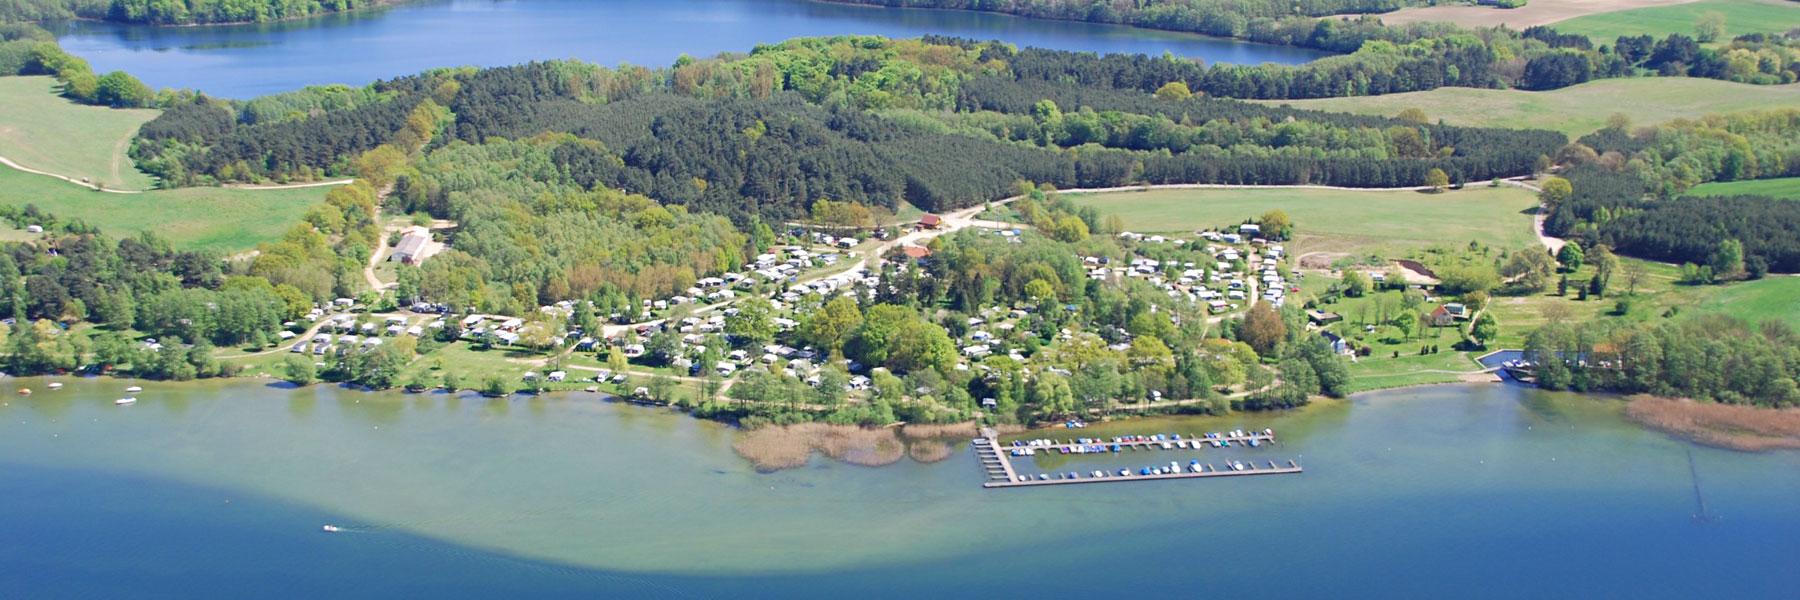 Luftbild - Wald- und Seeblick Camp